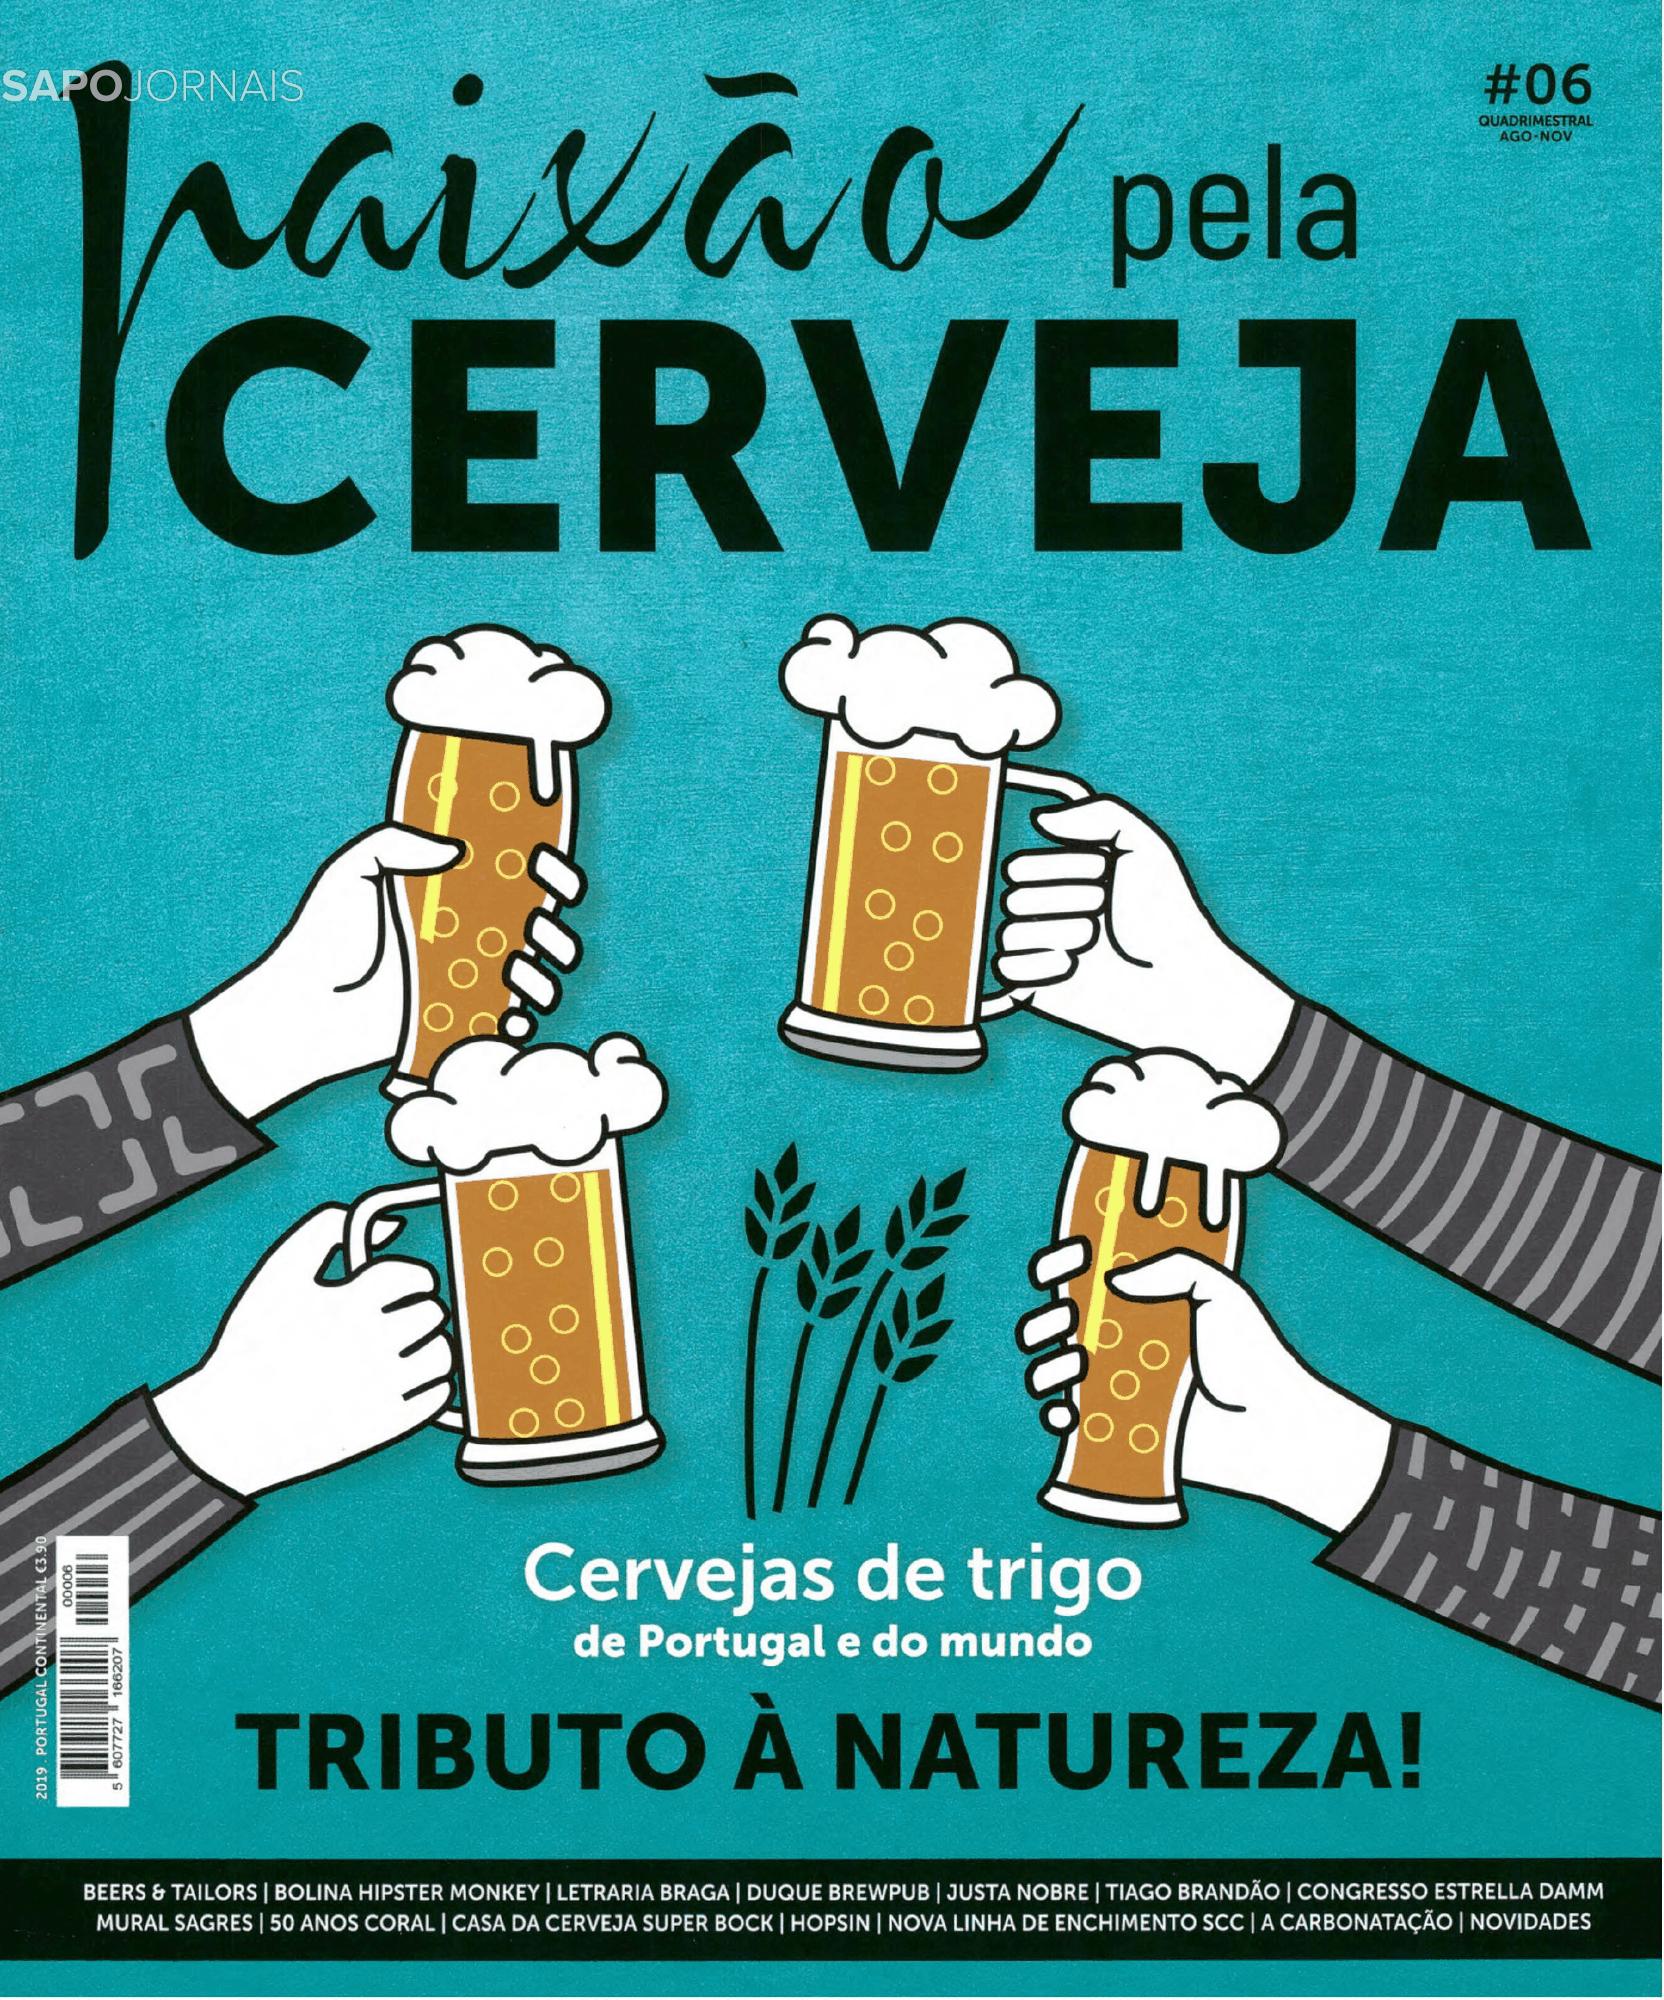 Paixão pela Cerveja